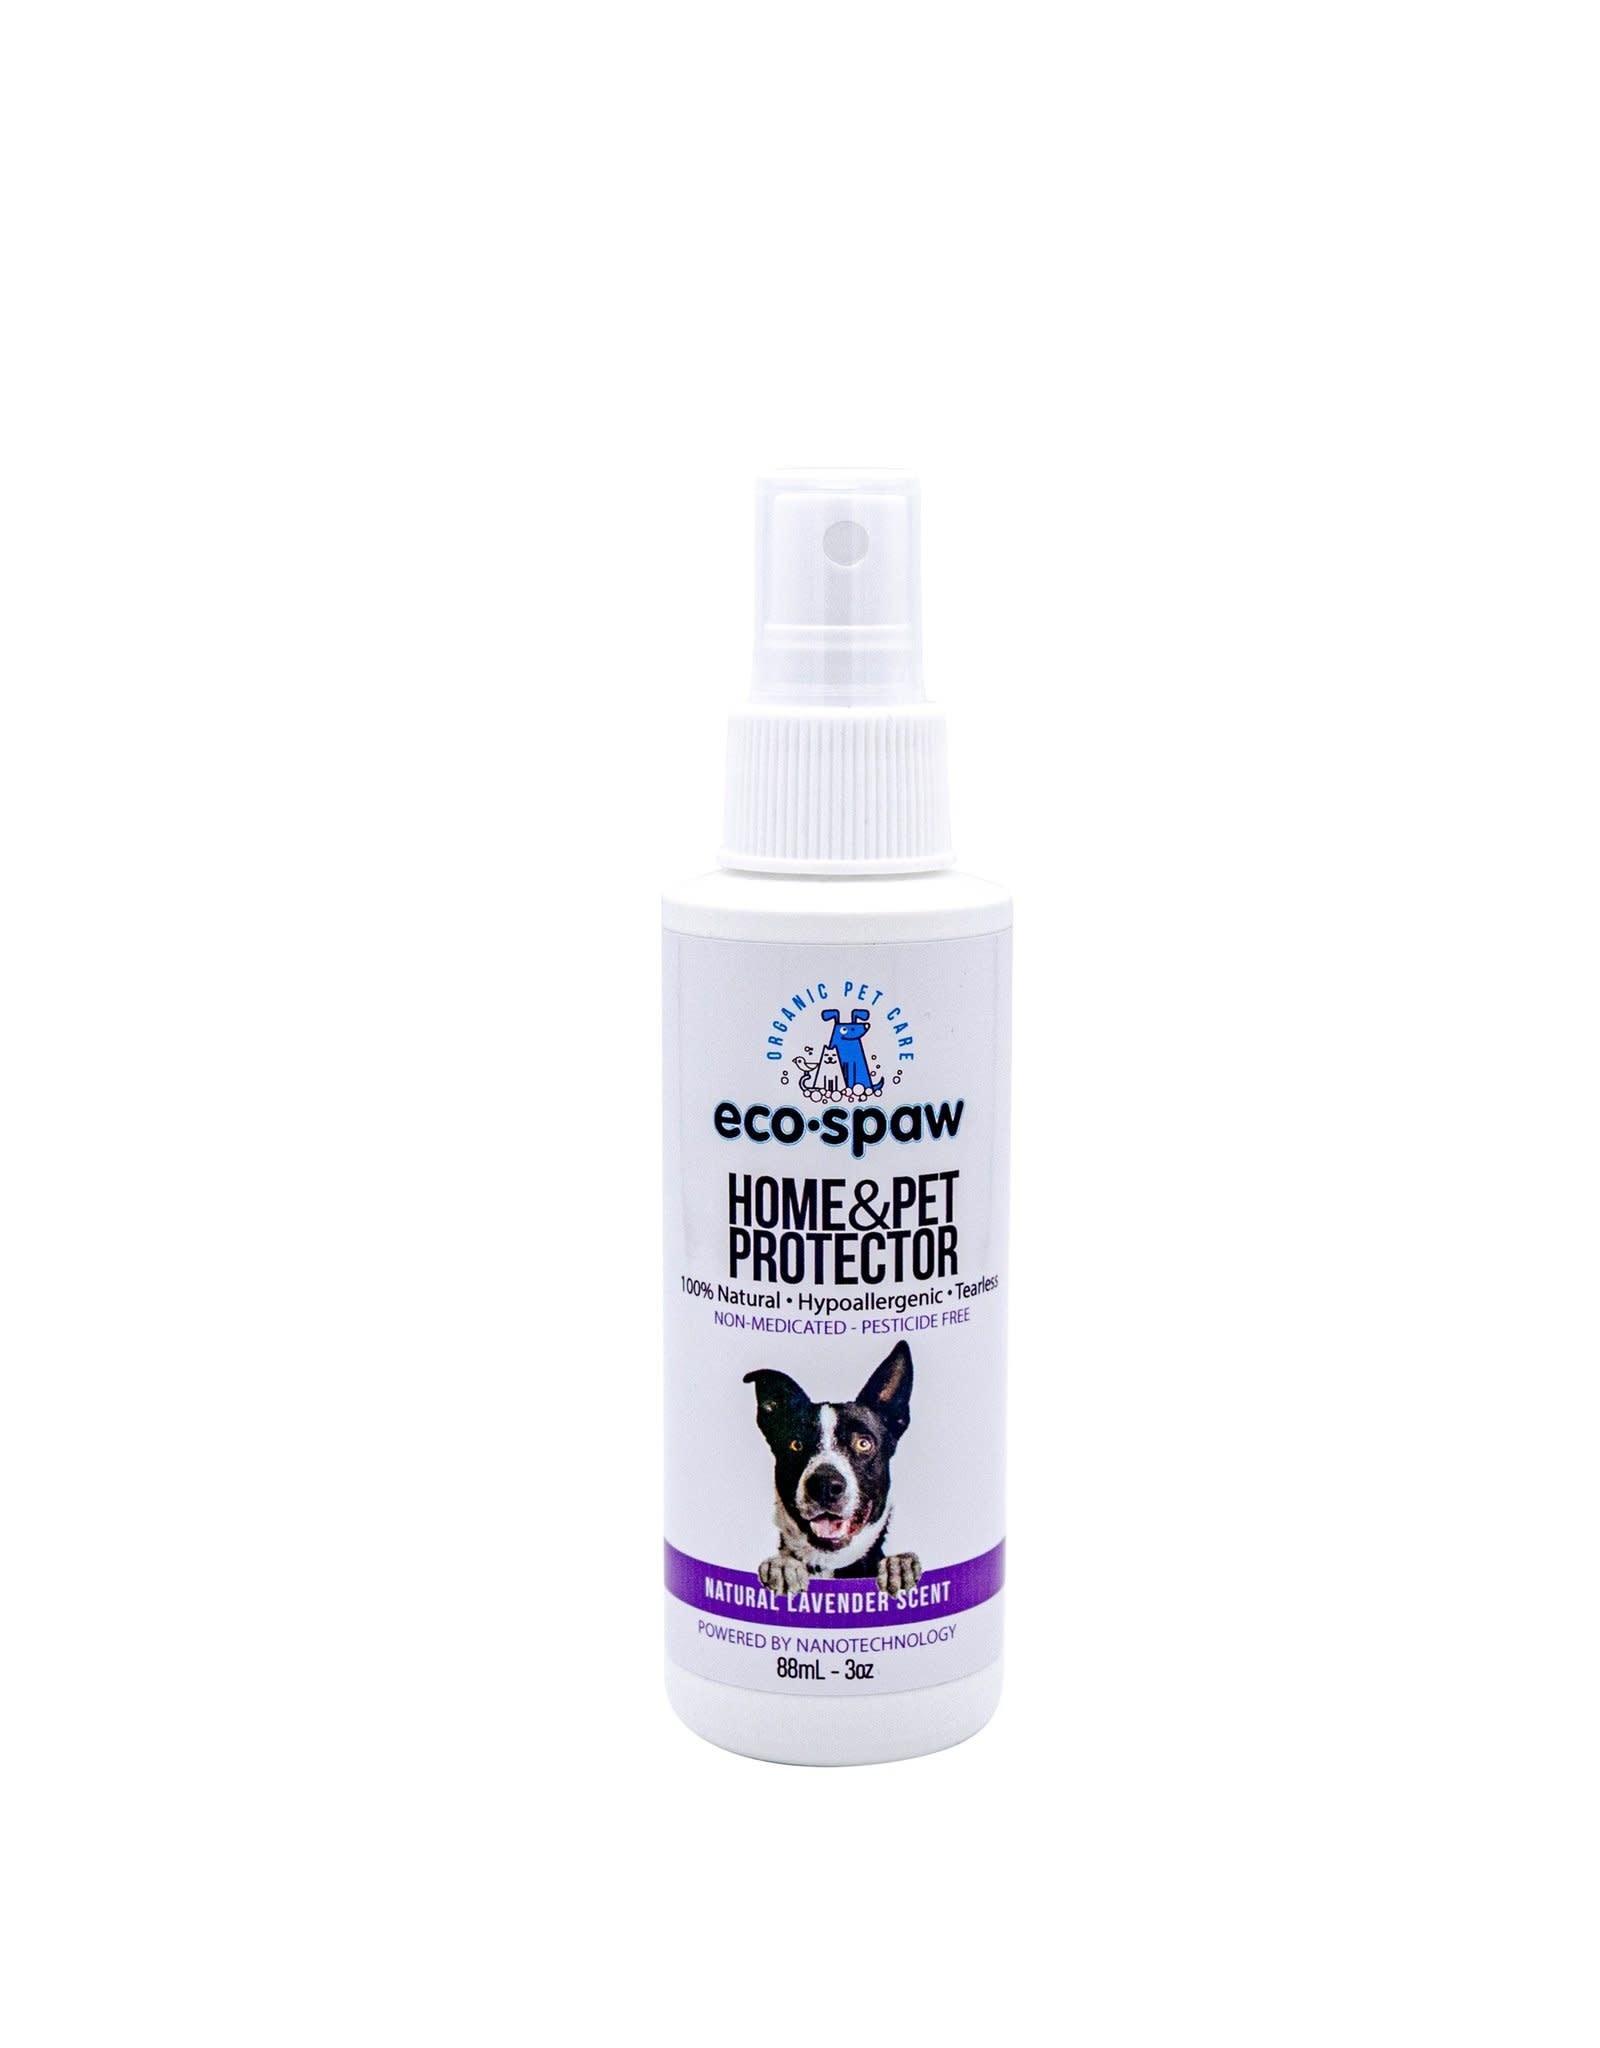 Eco Spaw EcoSpaw Home & Pet Protector Lavender 3 oz